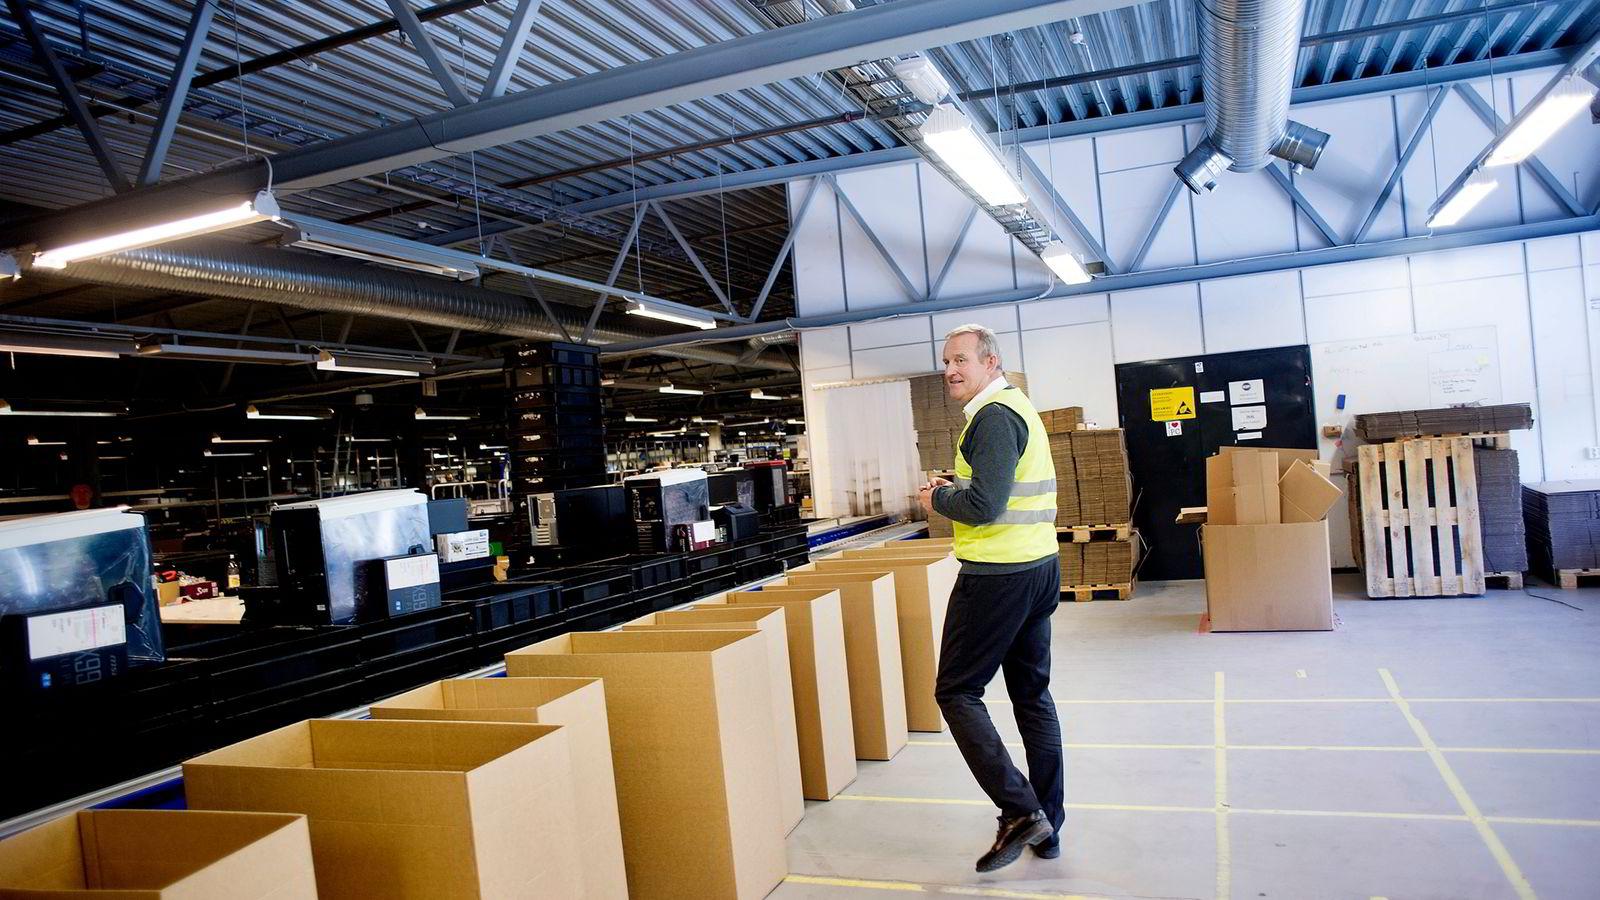 Komplett-sjef Ole Vinje har de siste årene utvidet med bank, apotek og bildeler. Nå vil det norskeide selskapet ta et nytt steg.